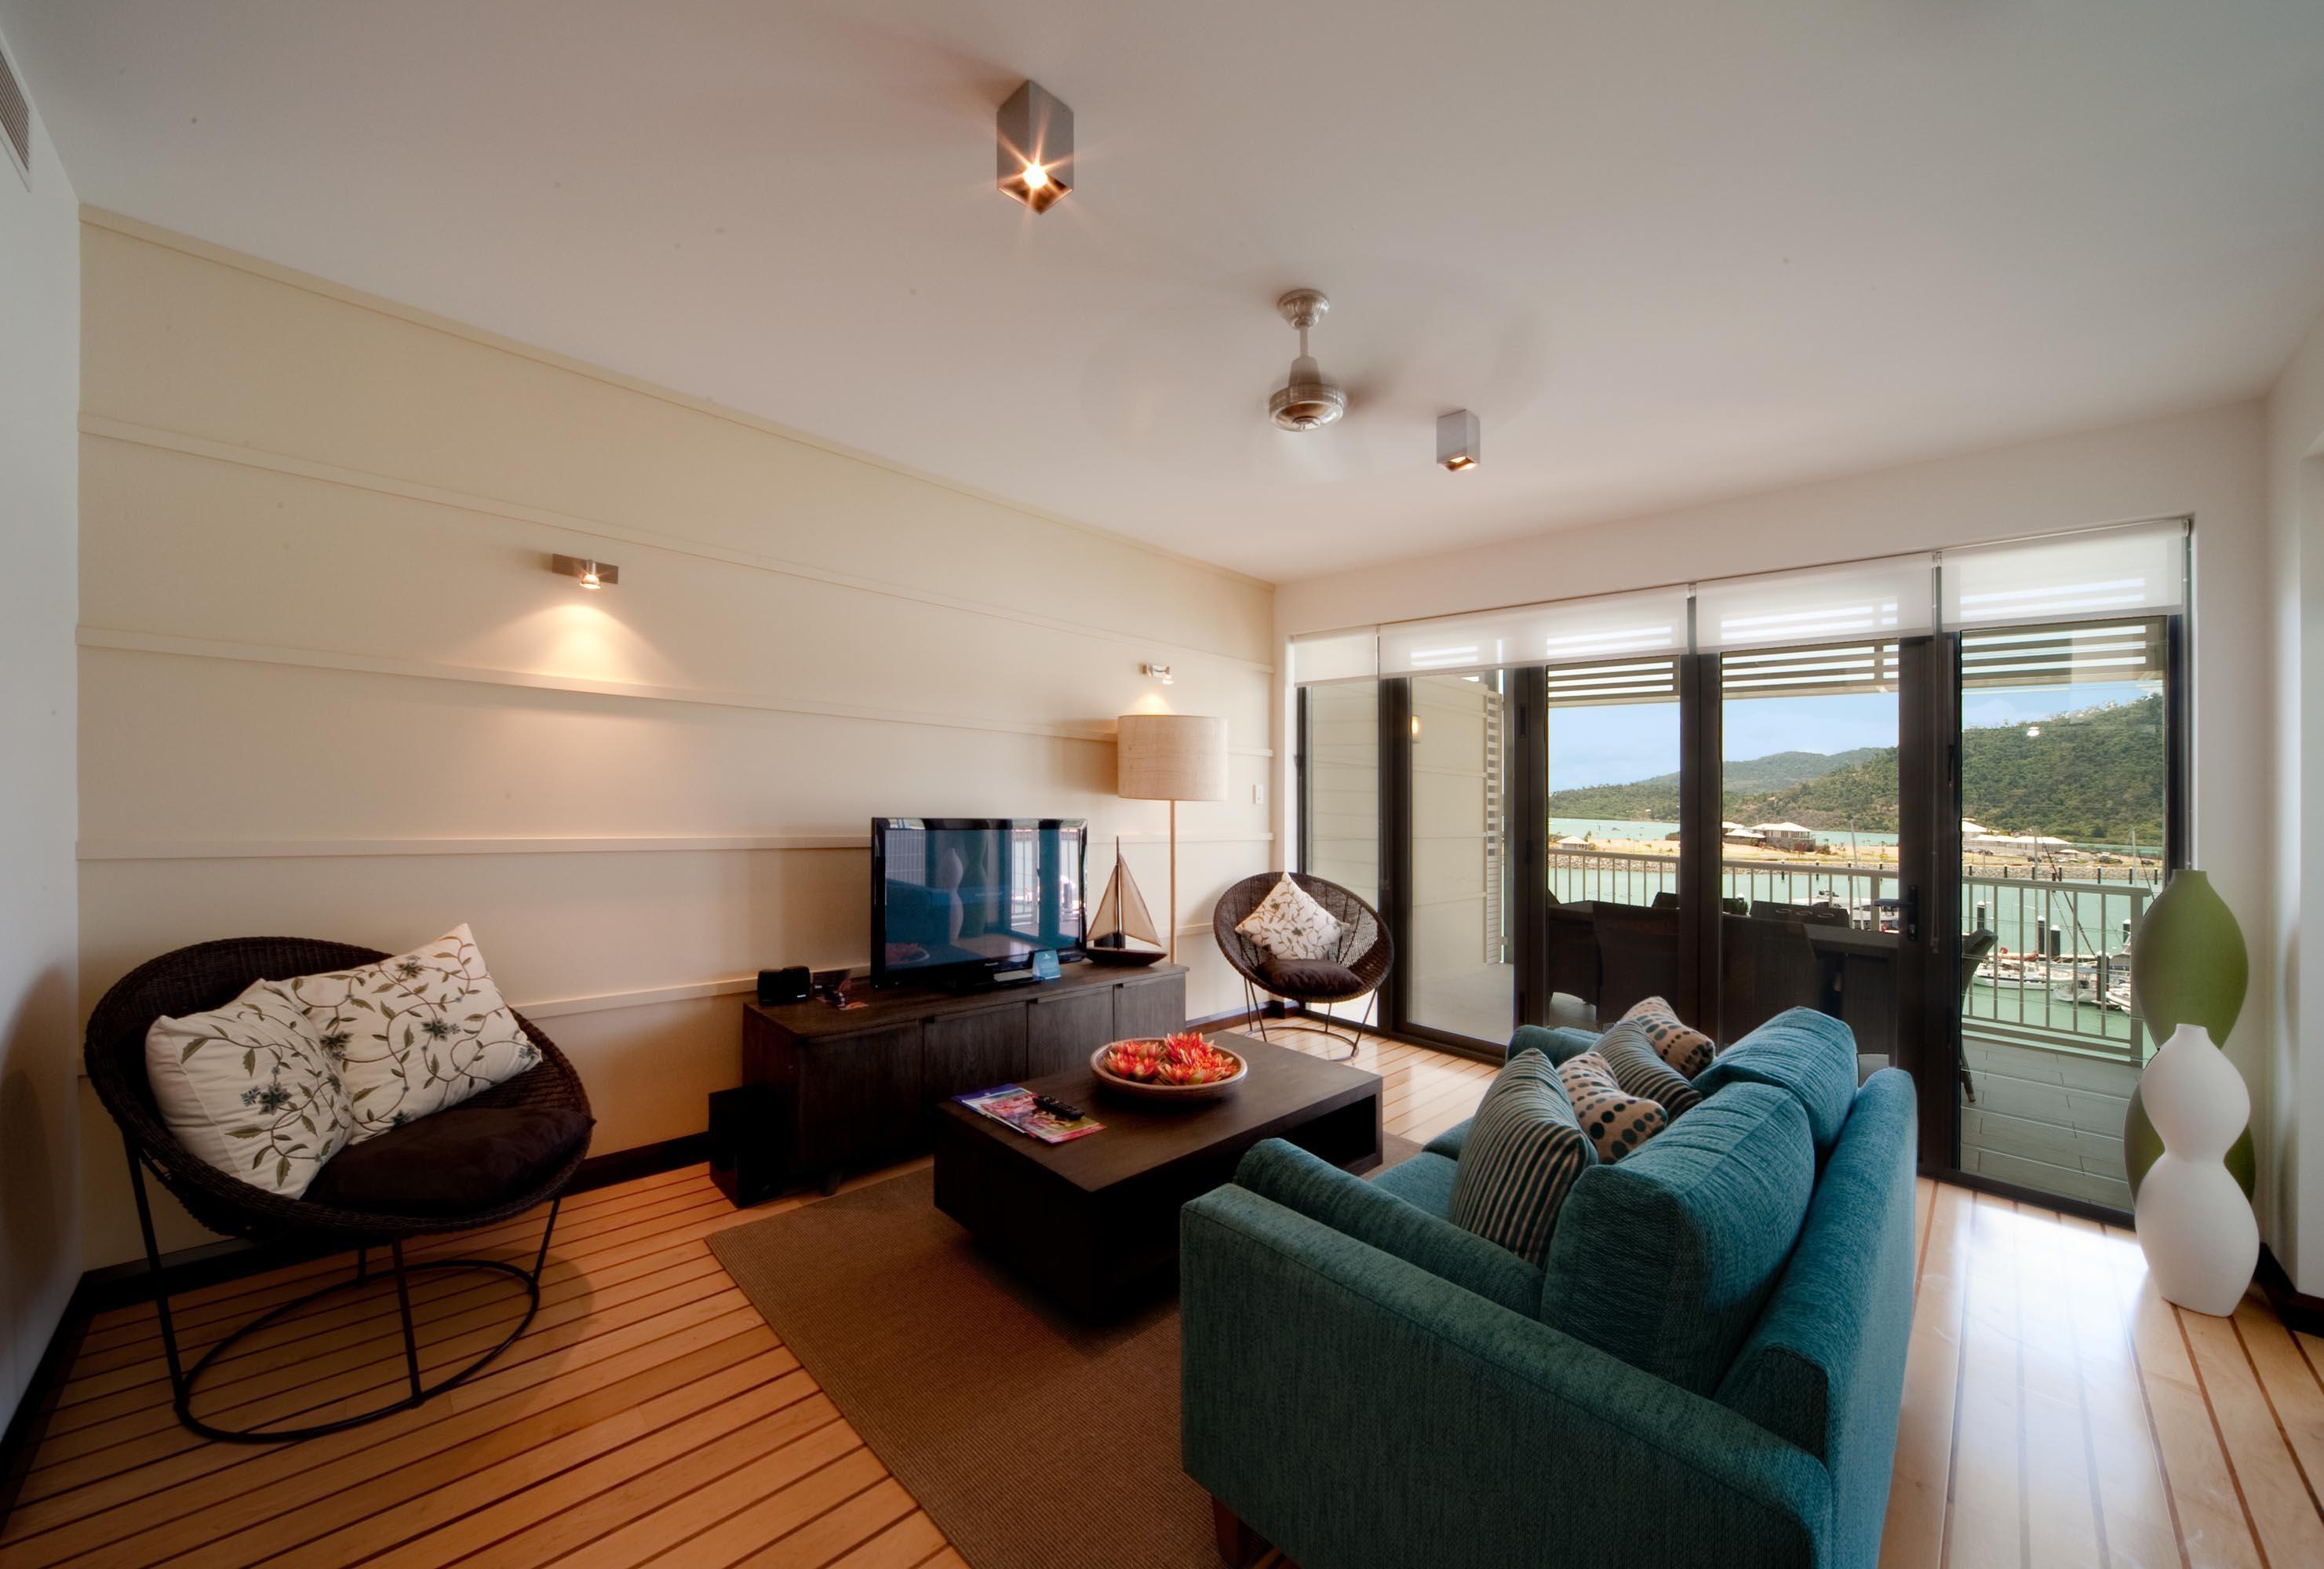 boathouse apartments5